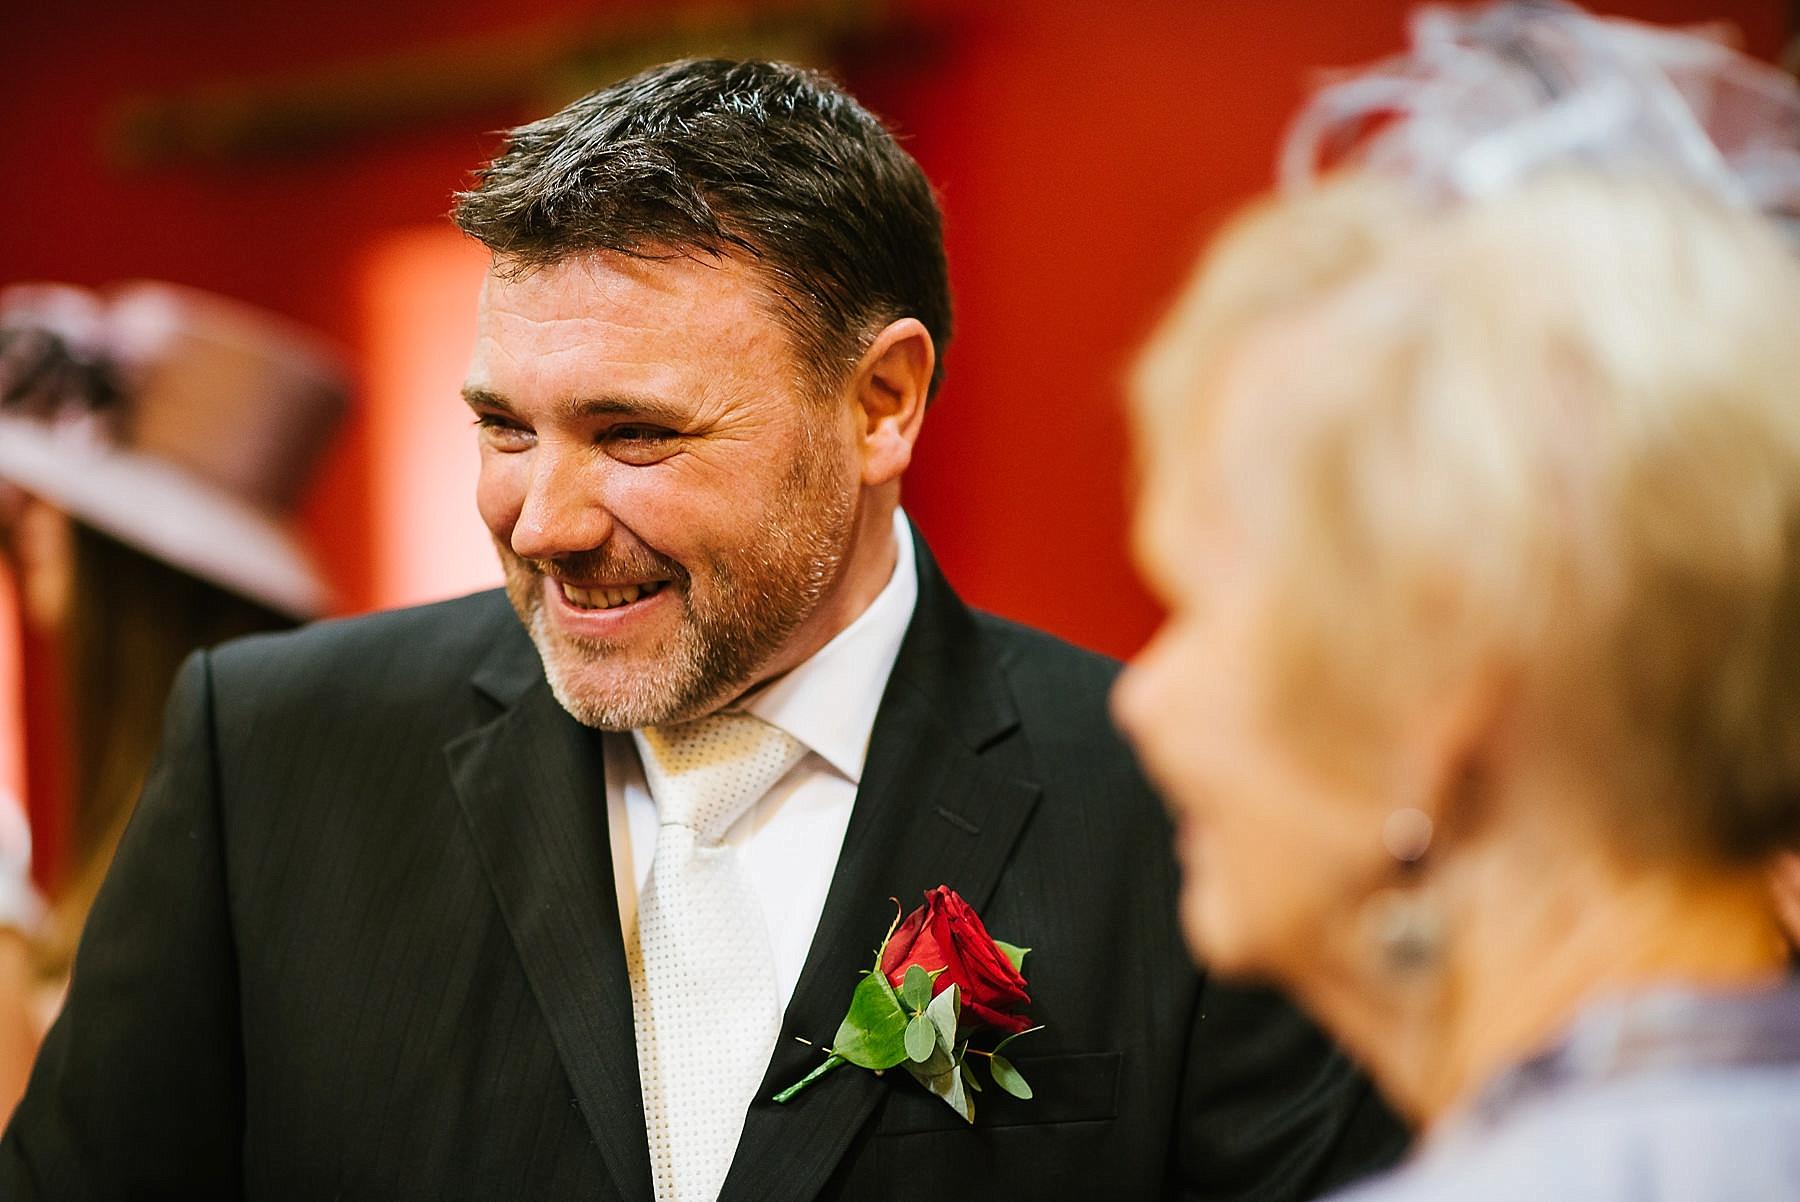 telephoto lens shot of groom